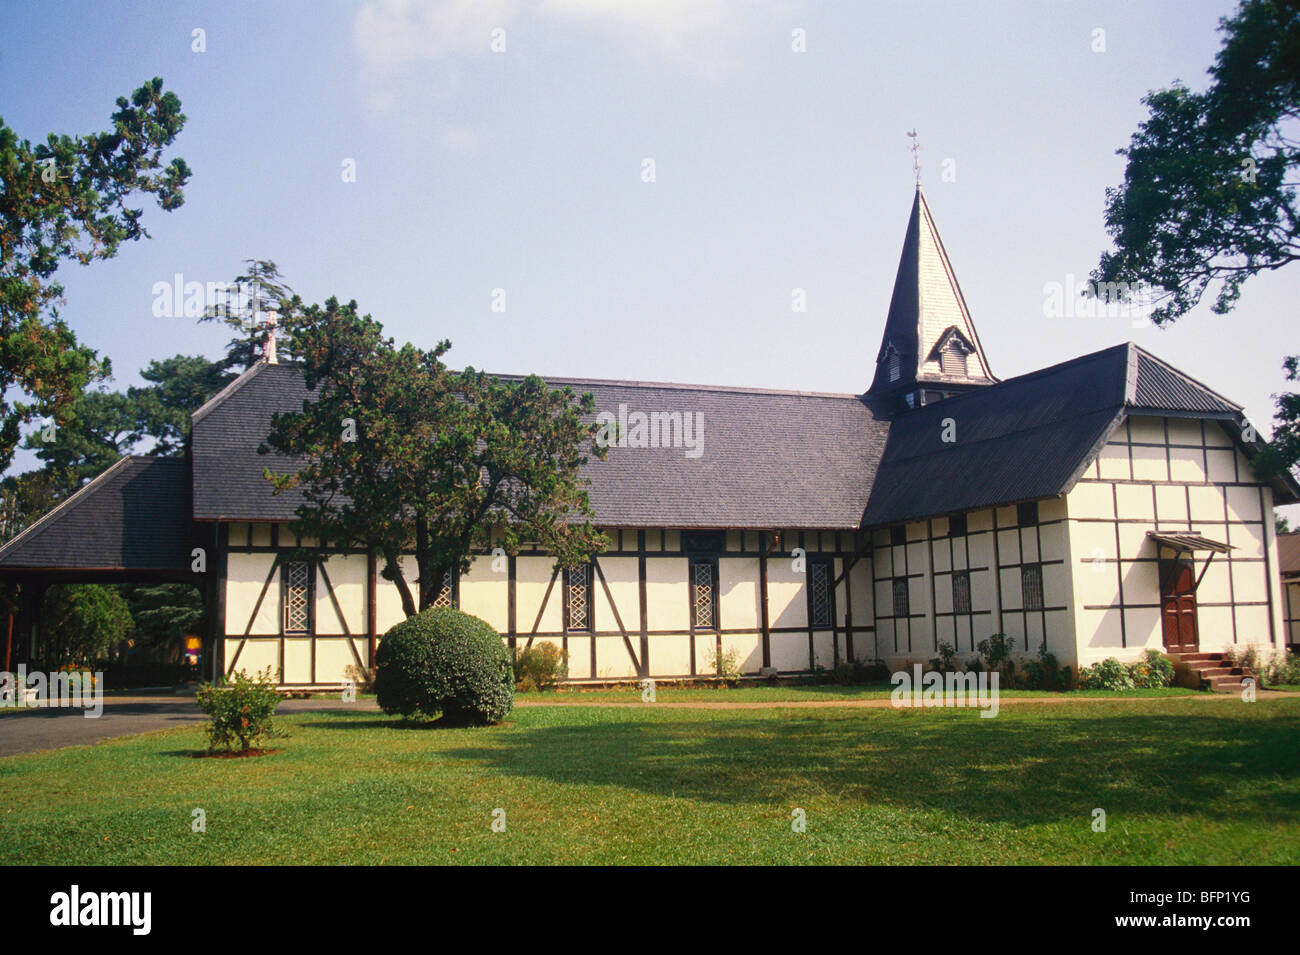 NGS 64607 : All Saints church ; Shillong; Meghalaya ; India - Stock Image